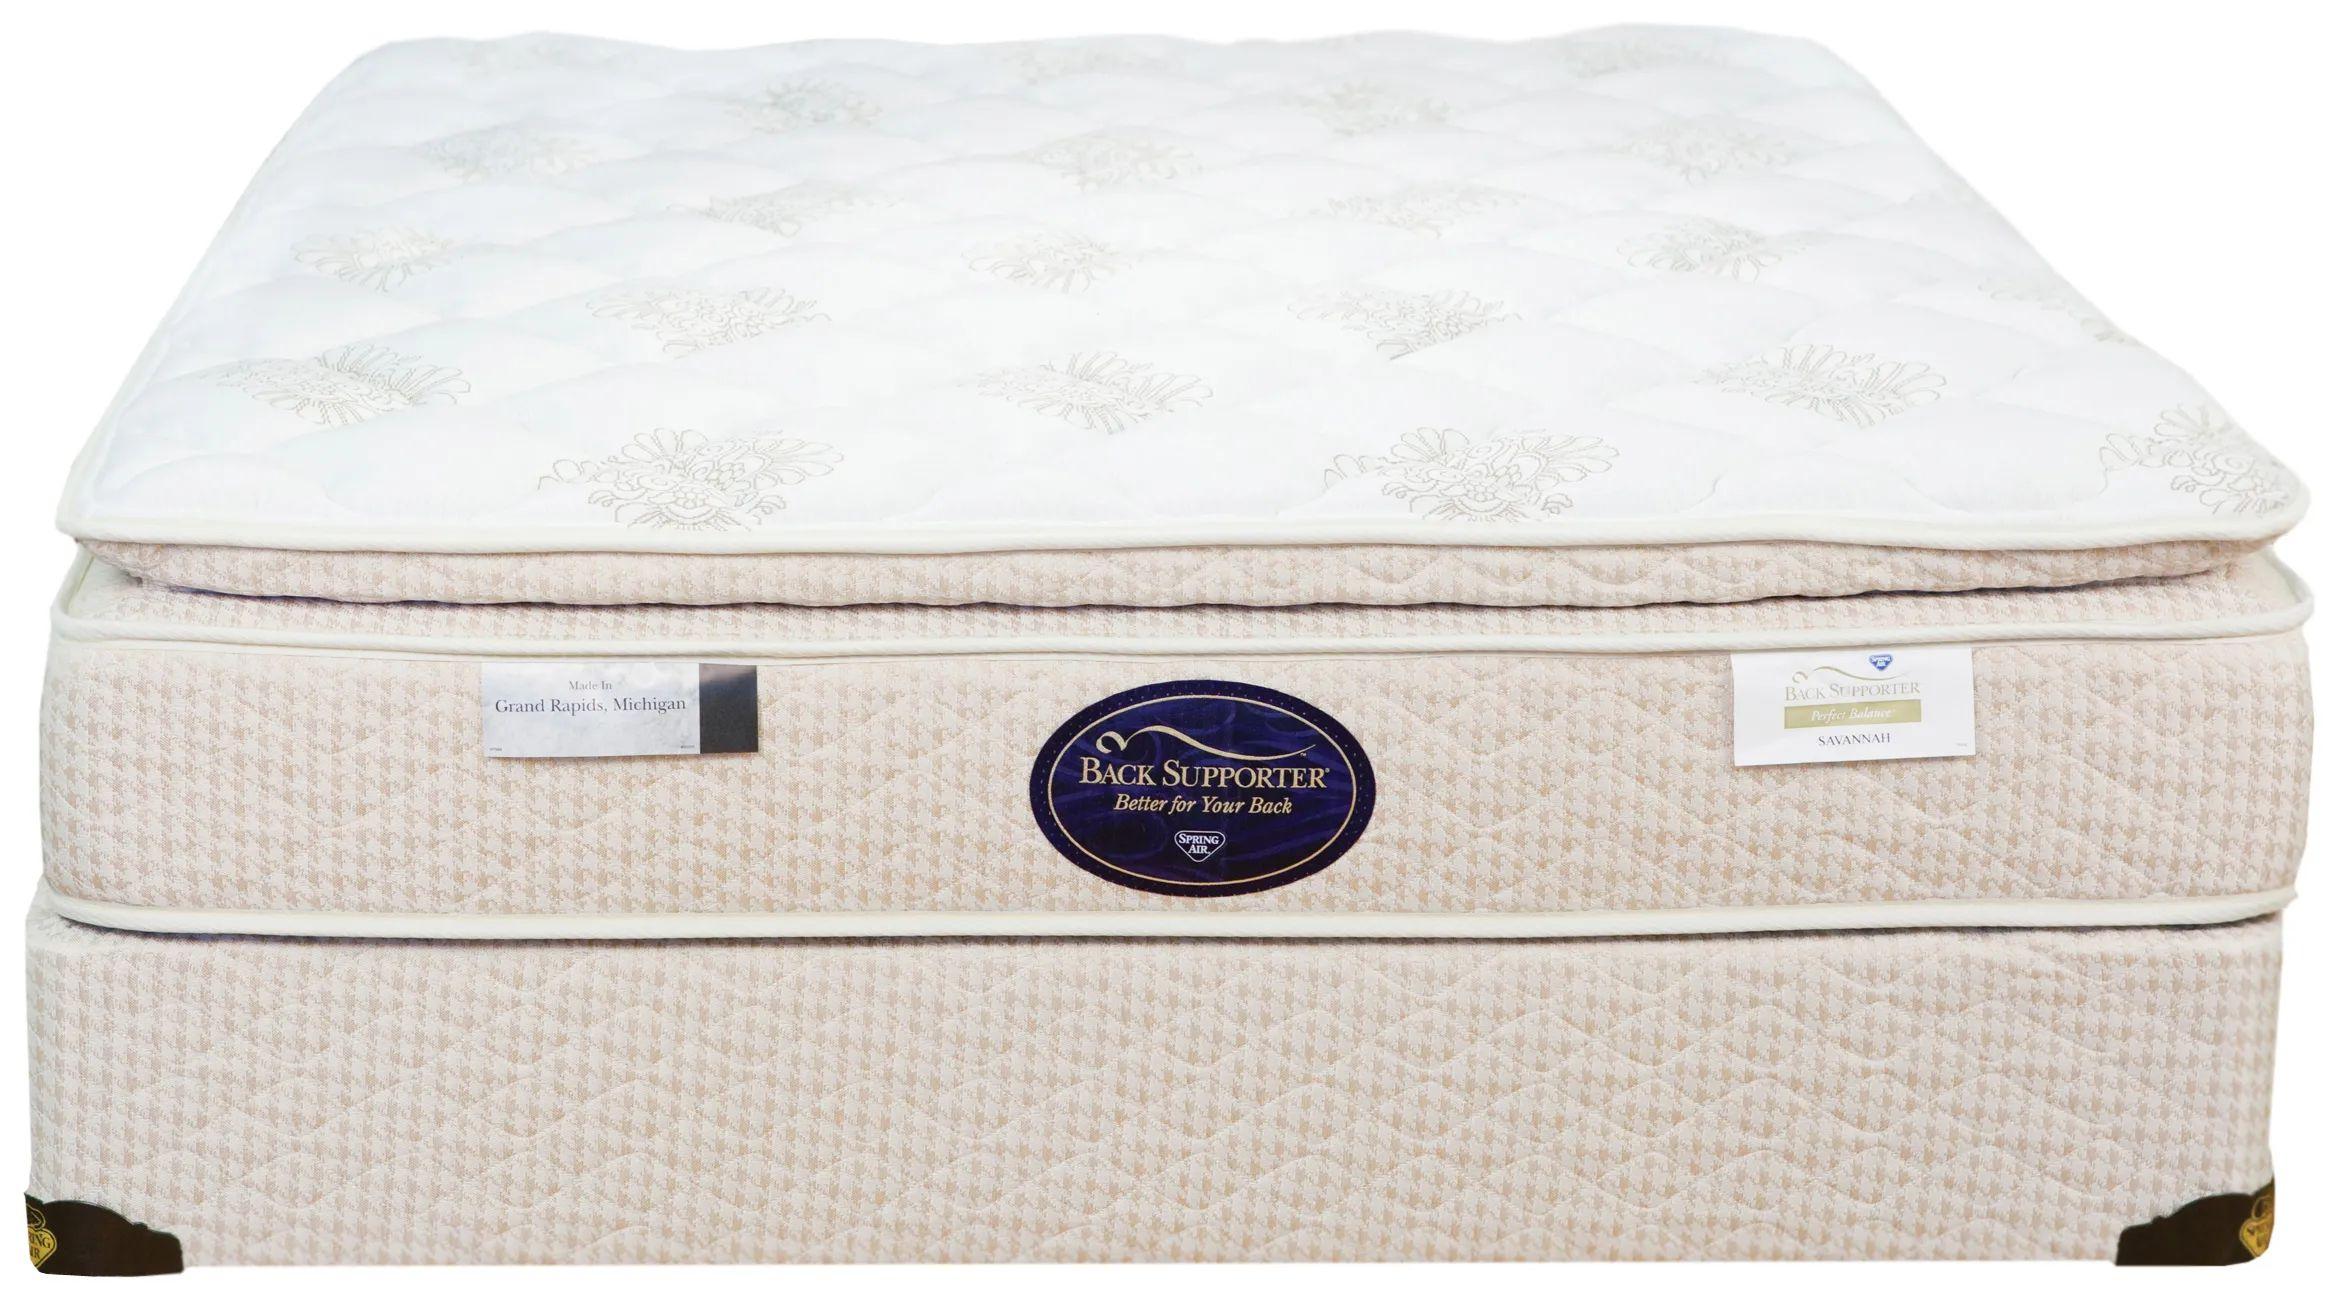 queen spring air back supporter perfect balance savannah pillow top 12 5 inch mattress